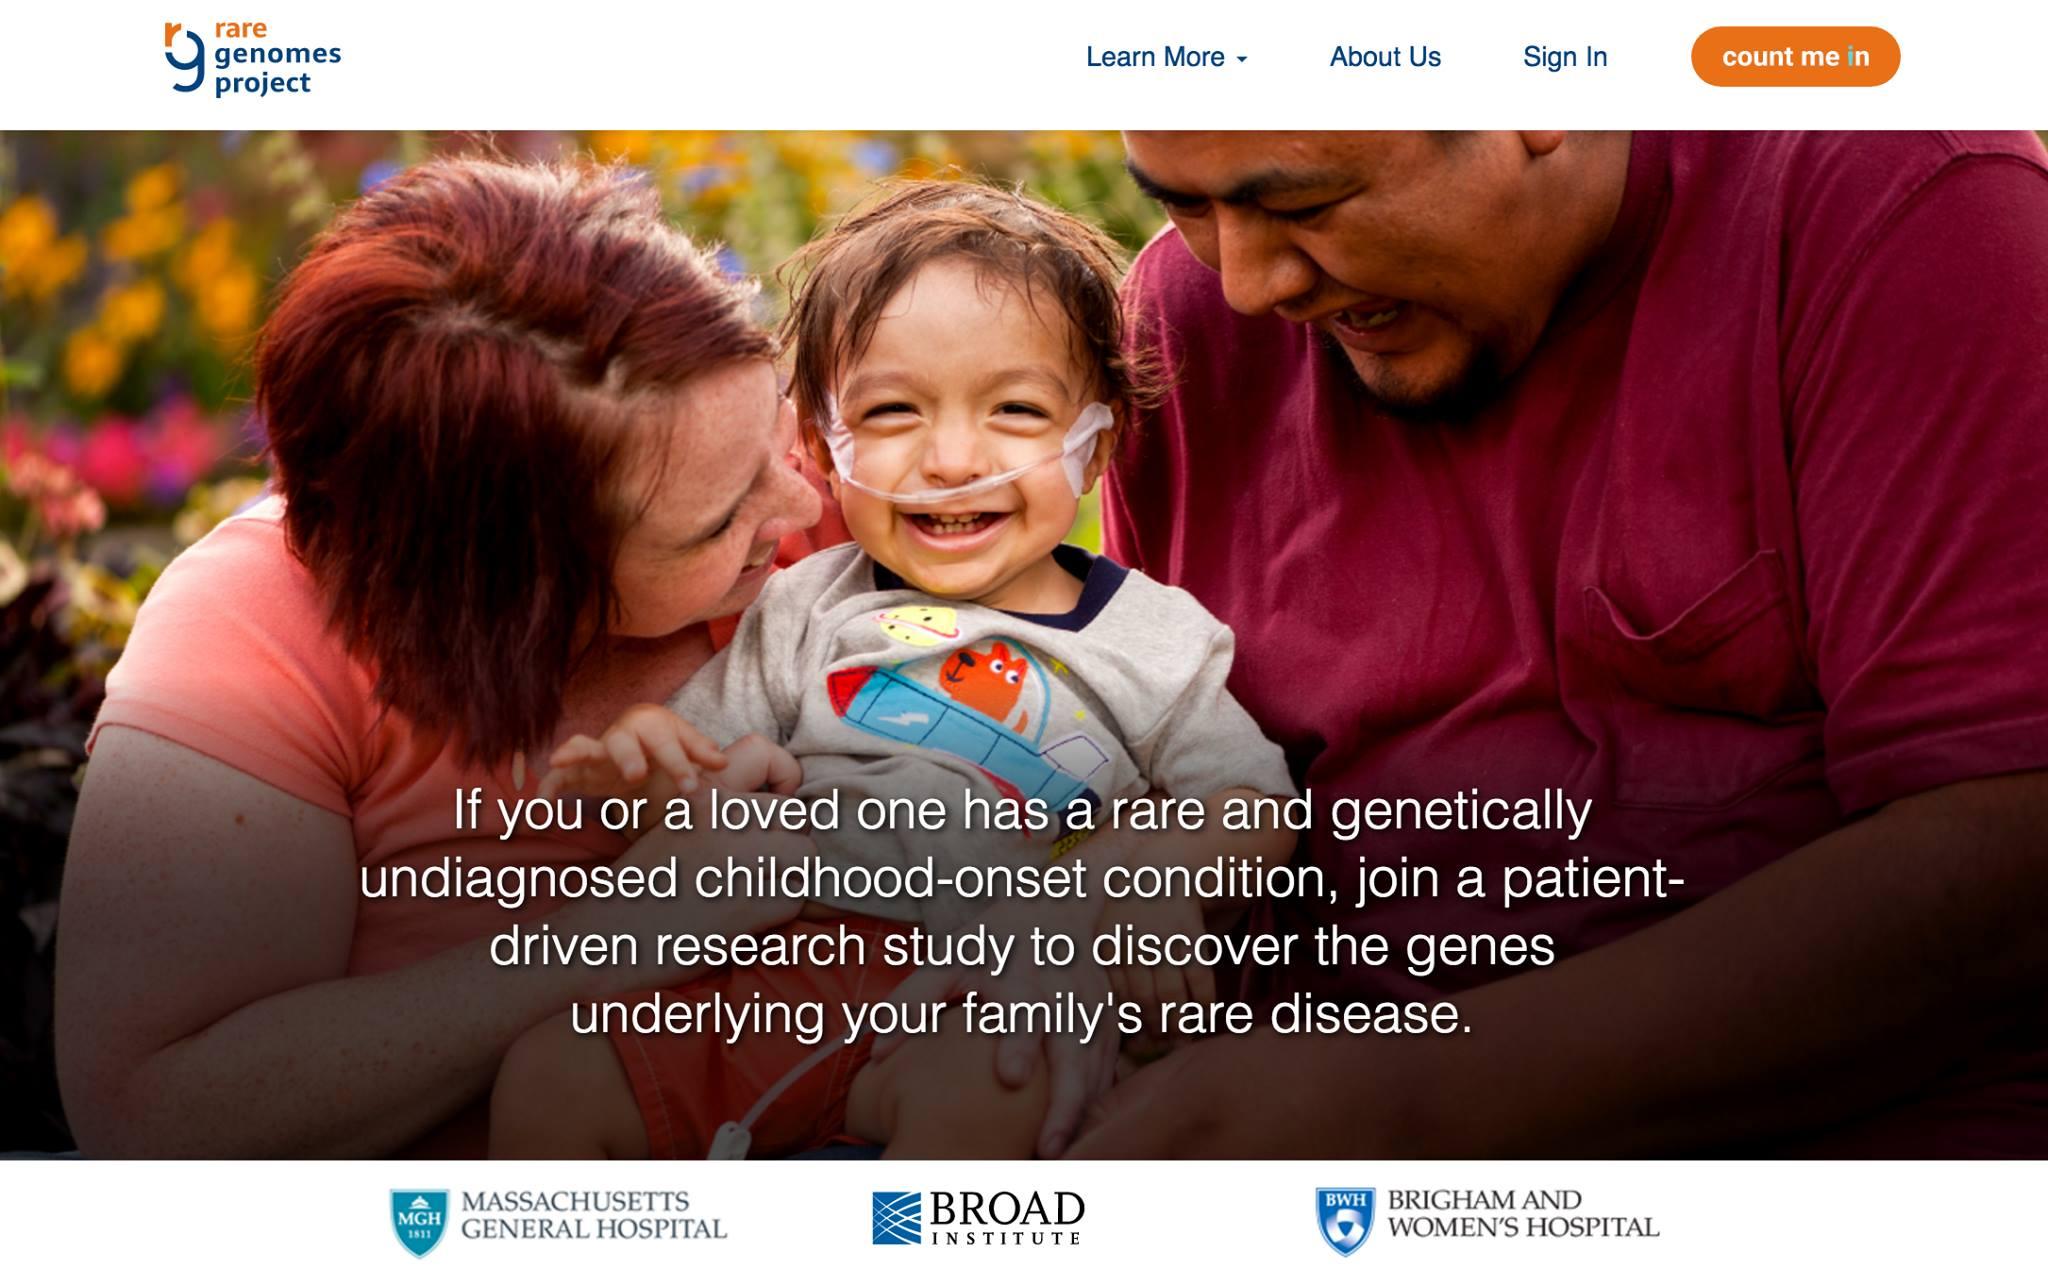 Rare Genomes Project